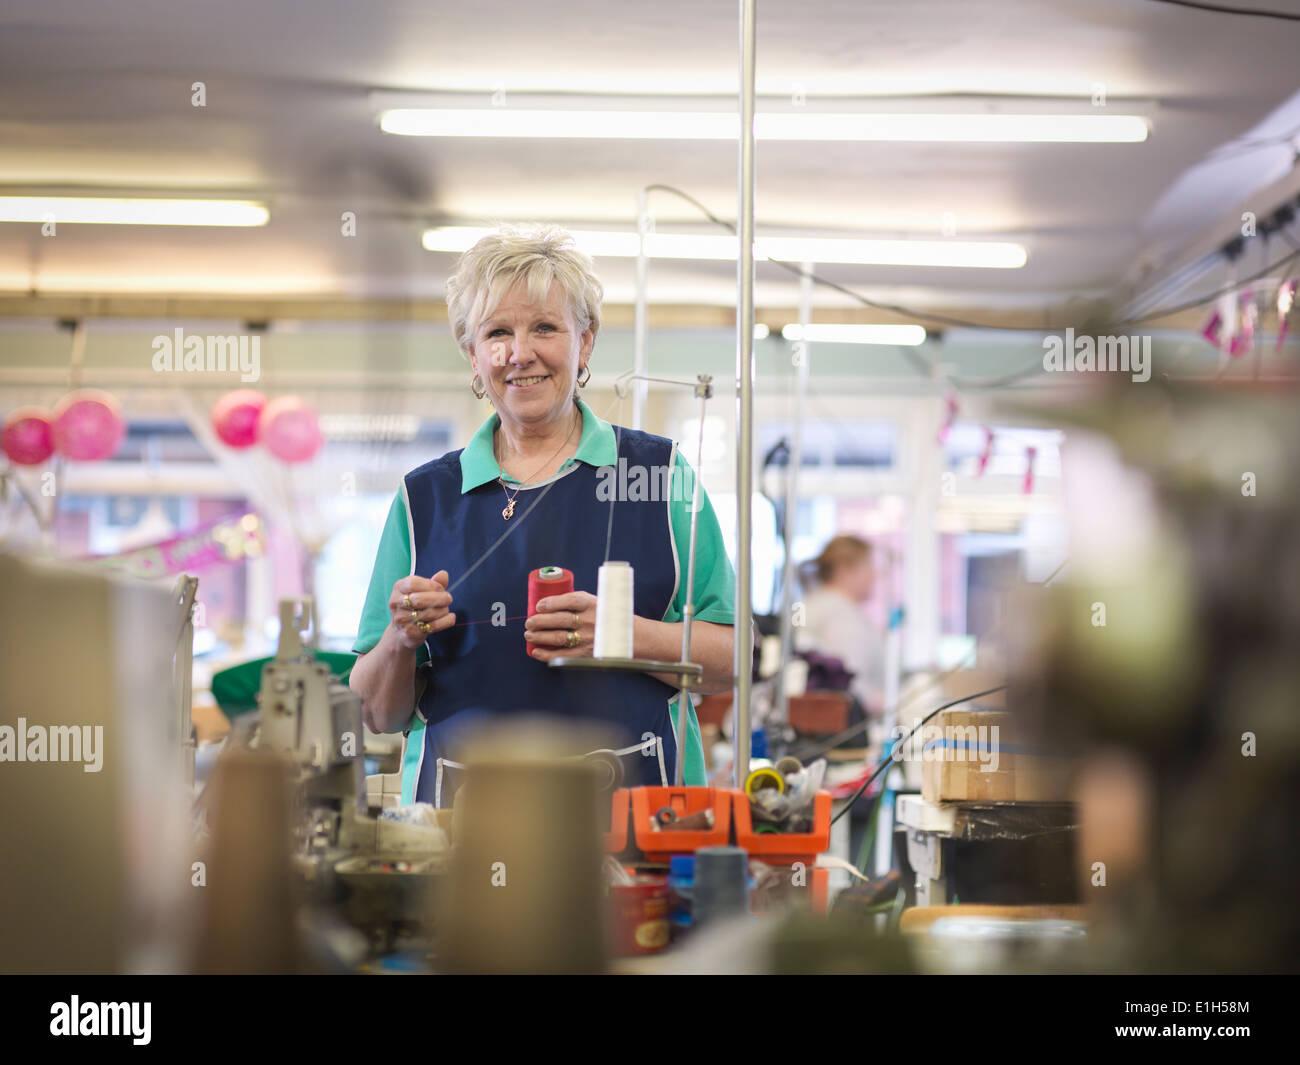 Directora de la fábrica de ropa, Retrato Imagen De Stock